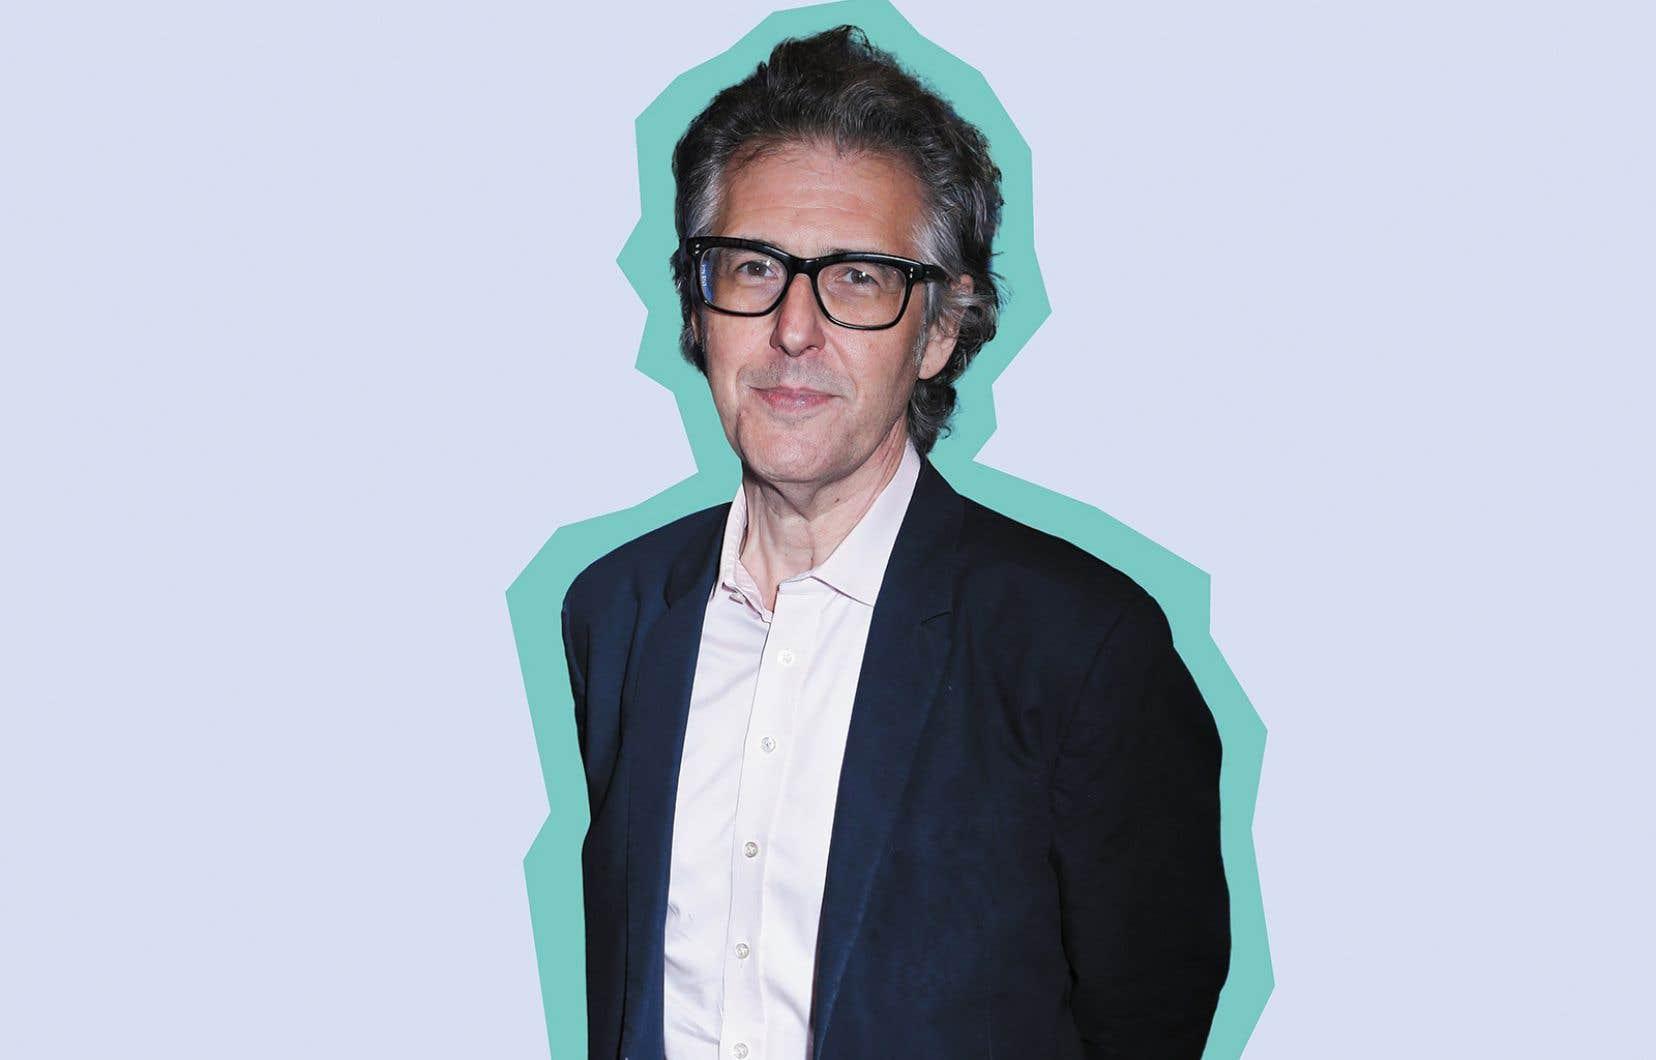 Avec This American Life, l'animateur Ira Glass a déclenché une révolution dans le milieu de l'audio.